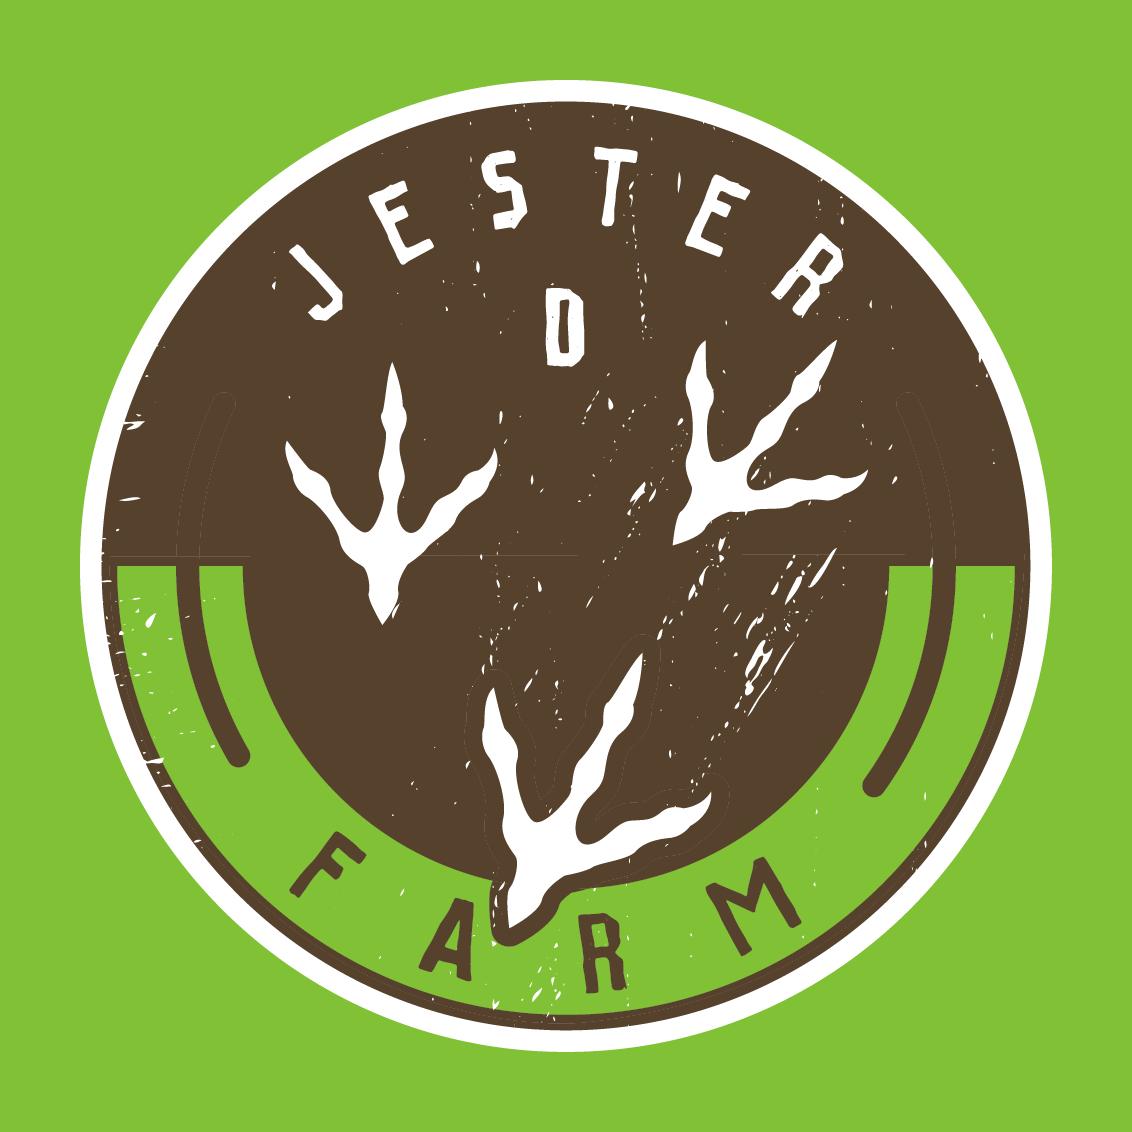 Jester D. Farm